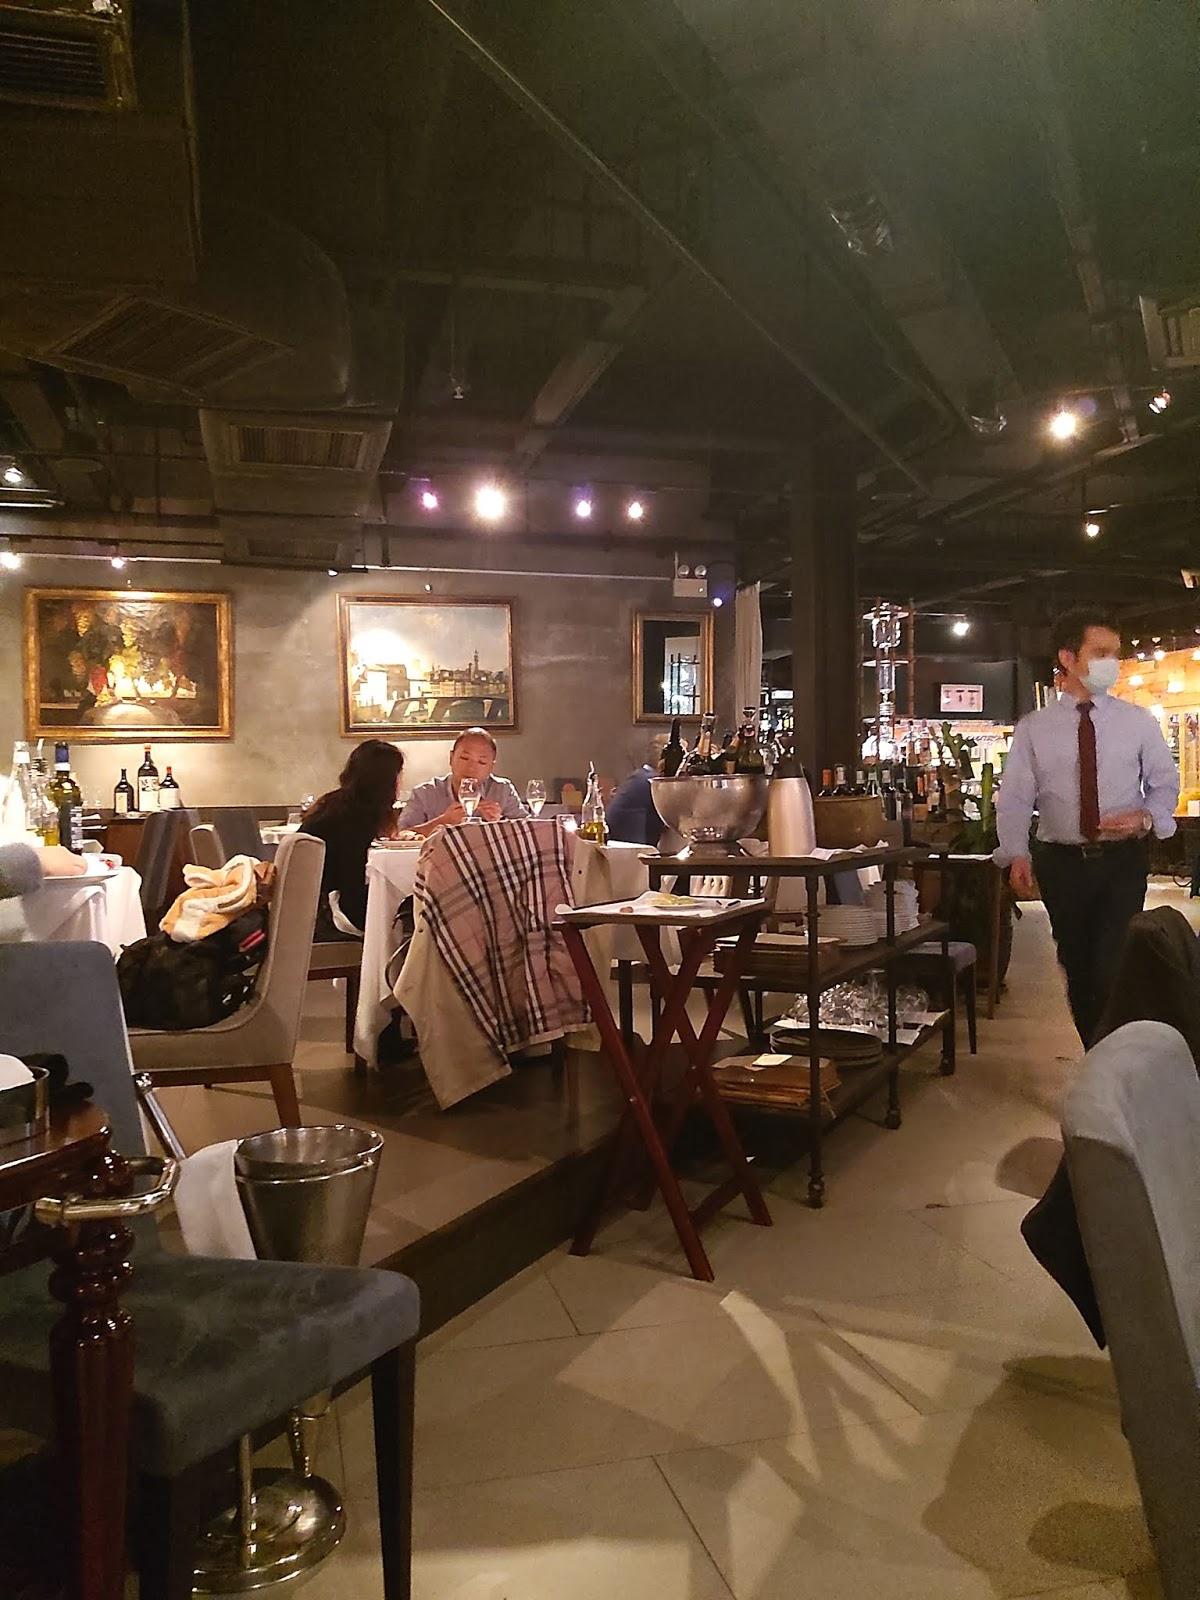 不丹: 是命中注定的旅程 Bhutan: It is Fate ~: 香港 - 分域碼頭 ~ Giá Trattoria Italiana 餐廳 & 意大利食品店 Mercato by Giando